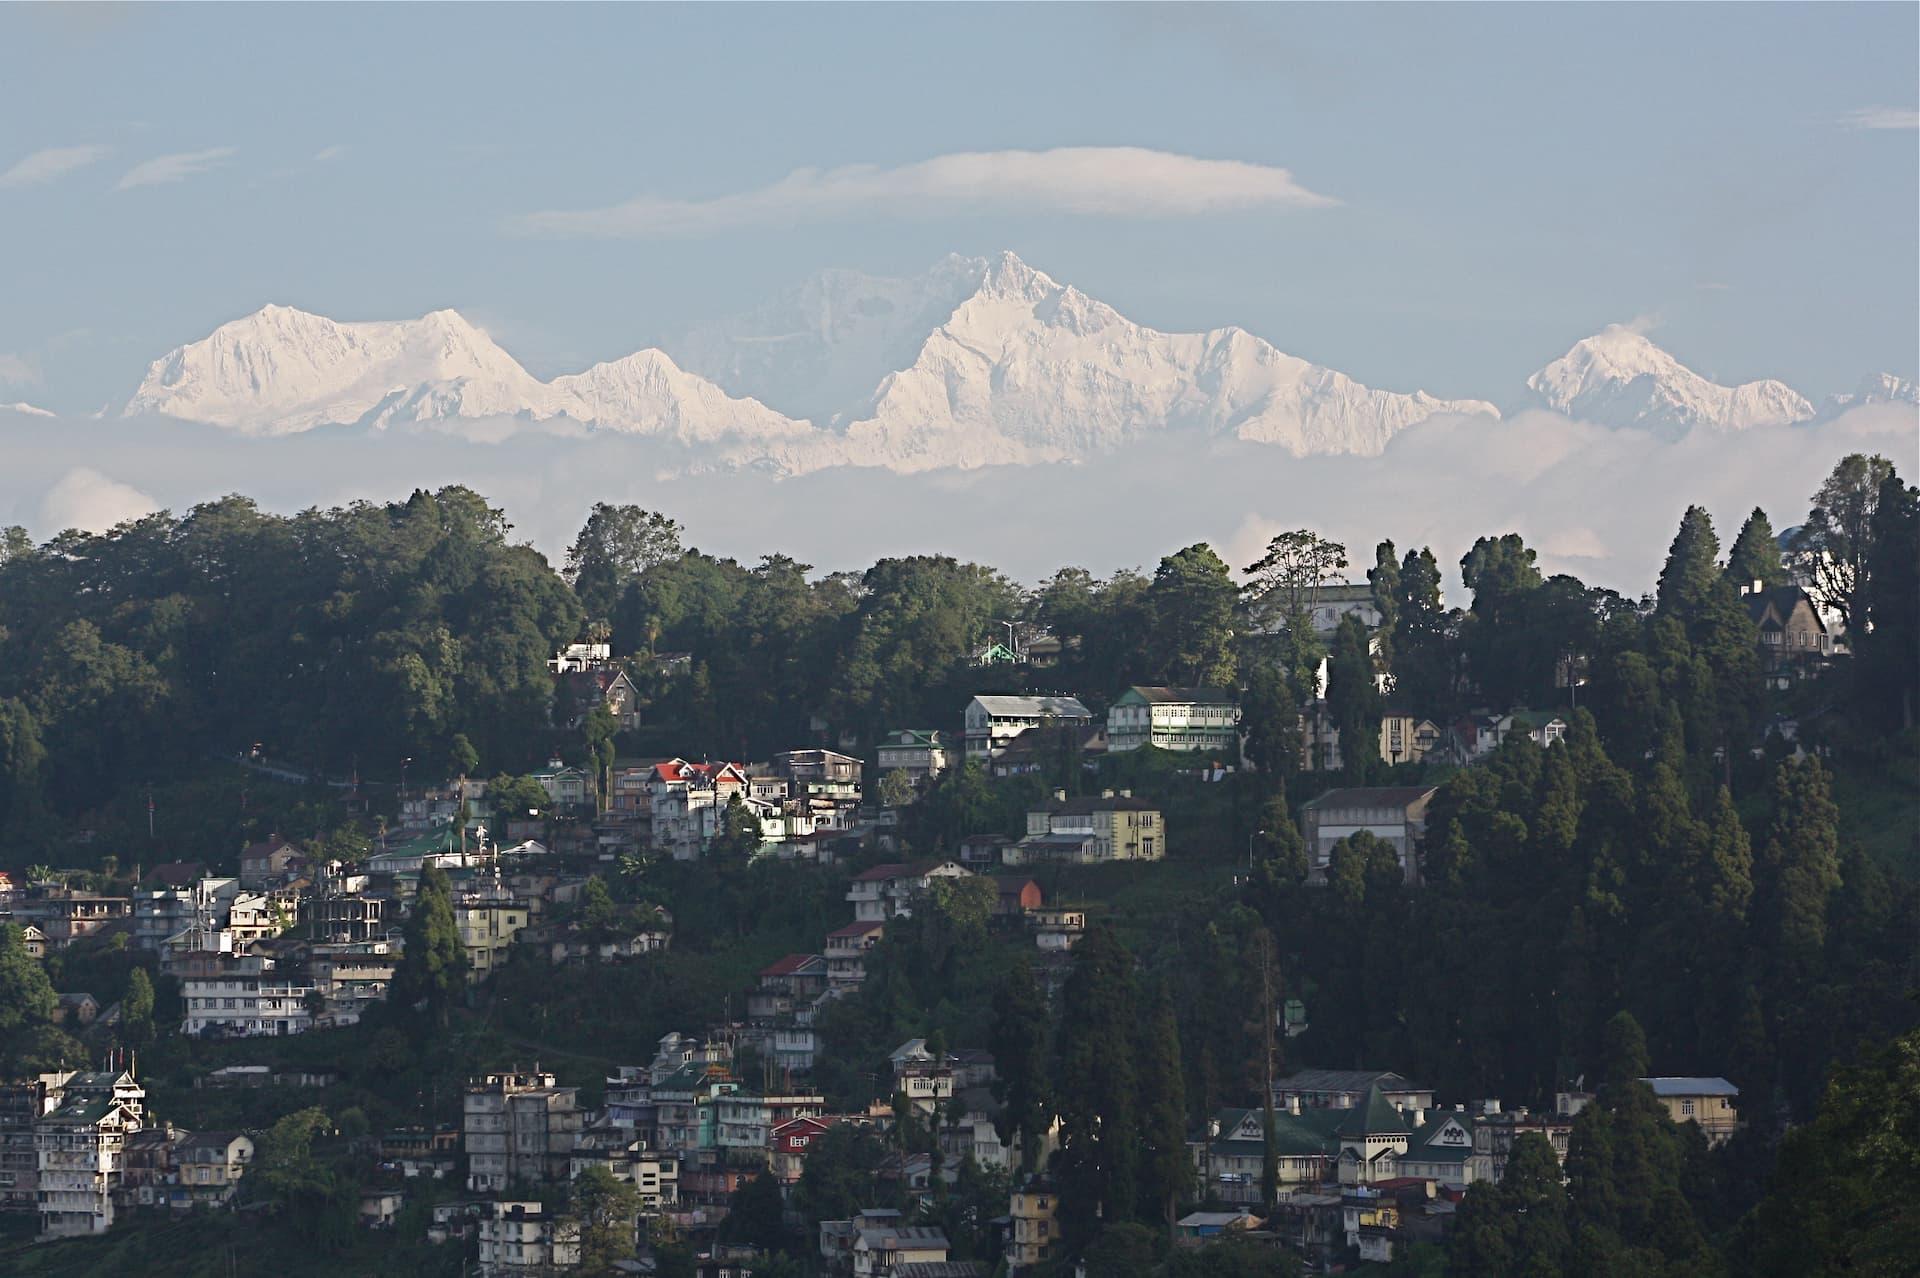 Locul 3 cei mai înalți munți - Kangchenjunga